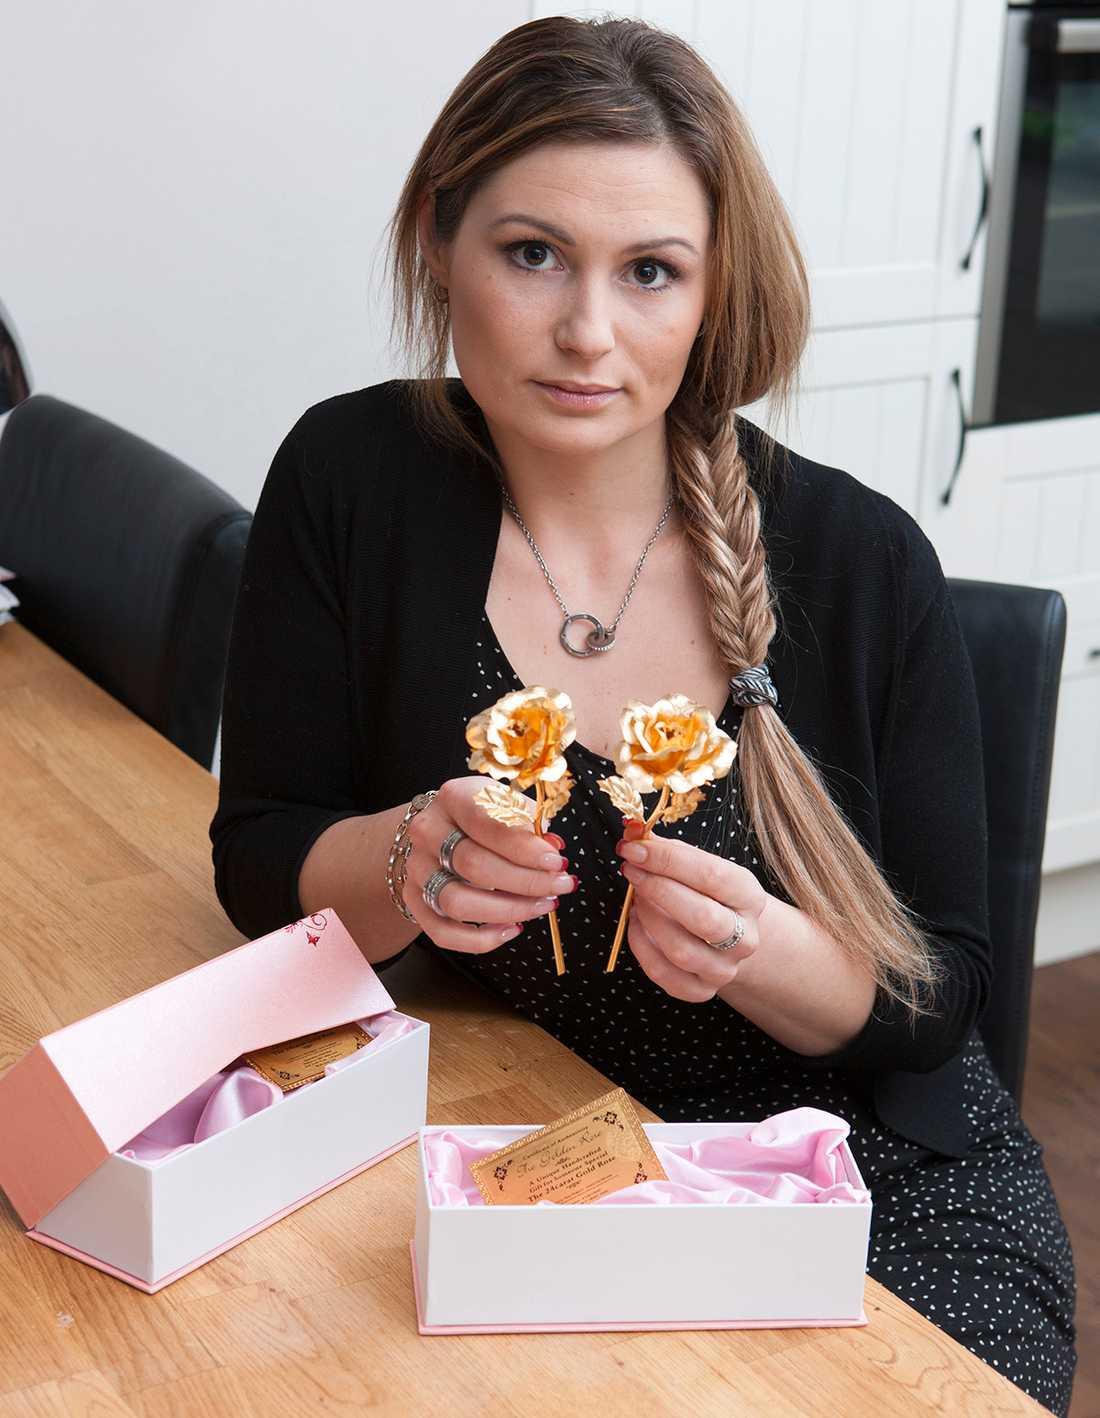 Hanna, 27, från Skövde, beställde två förgyllda rosor från Groupon som uppgavs vara äkta.